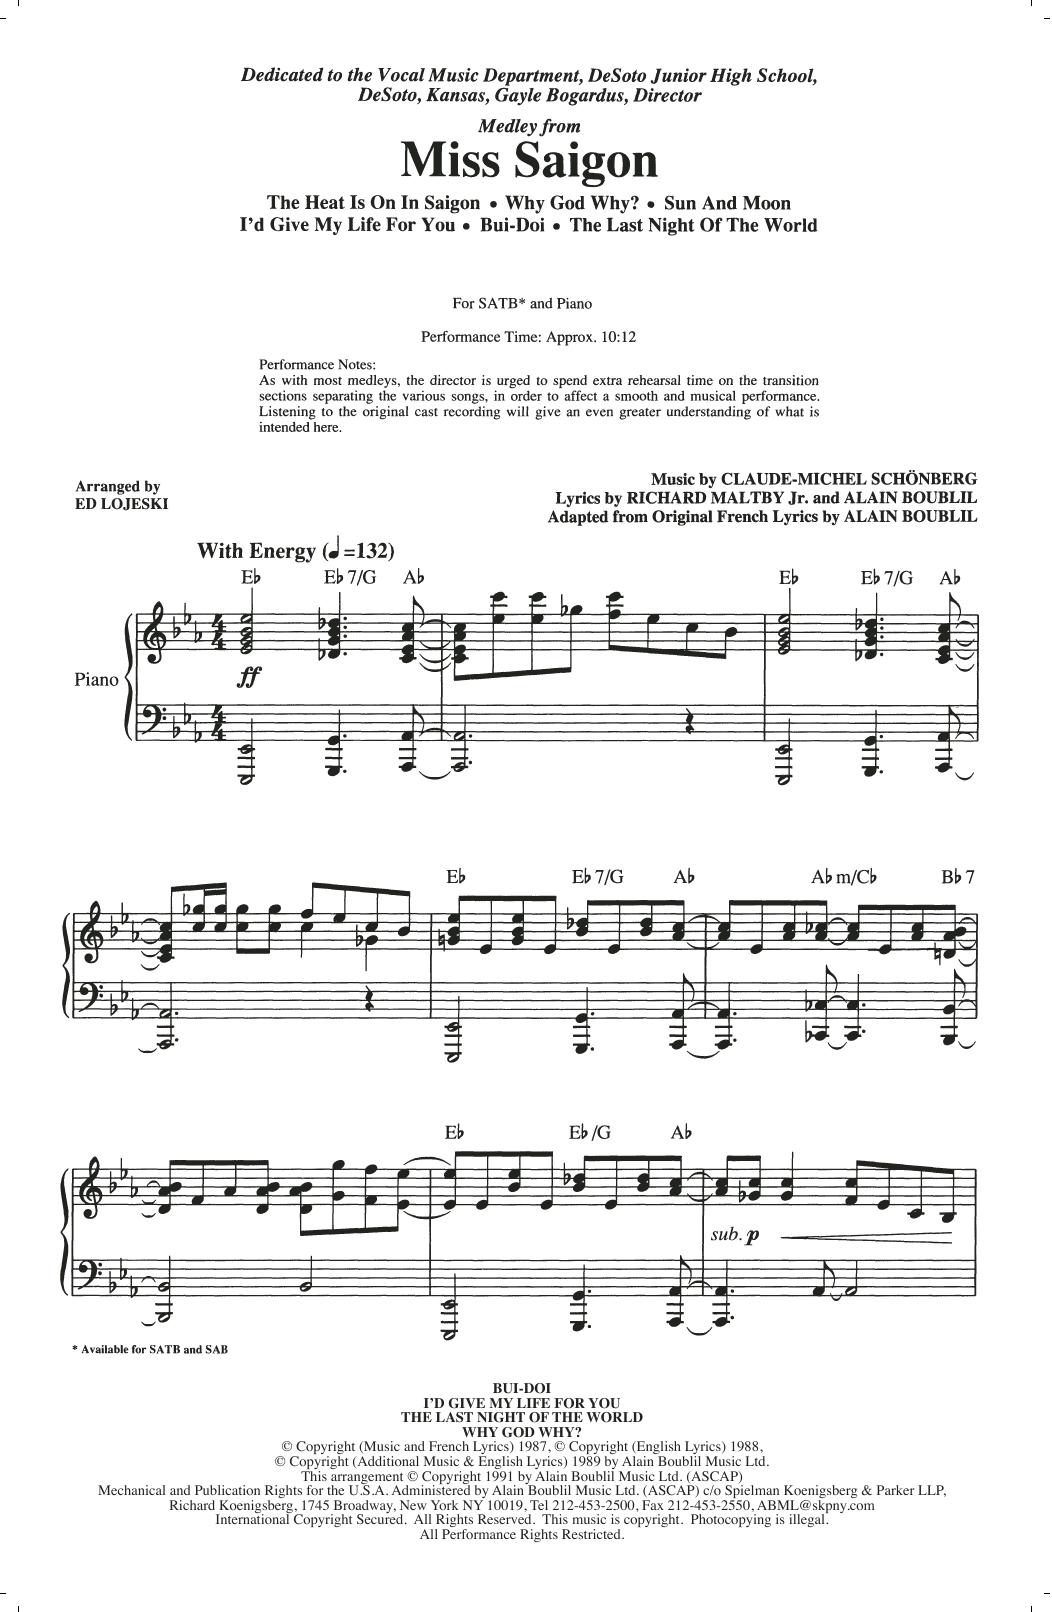 Miss Saigon (Medley) (arr. Ed Lojeski) (SATB Choir)